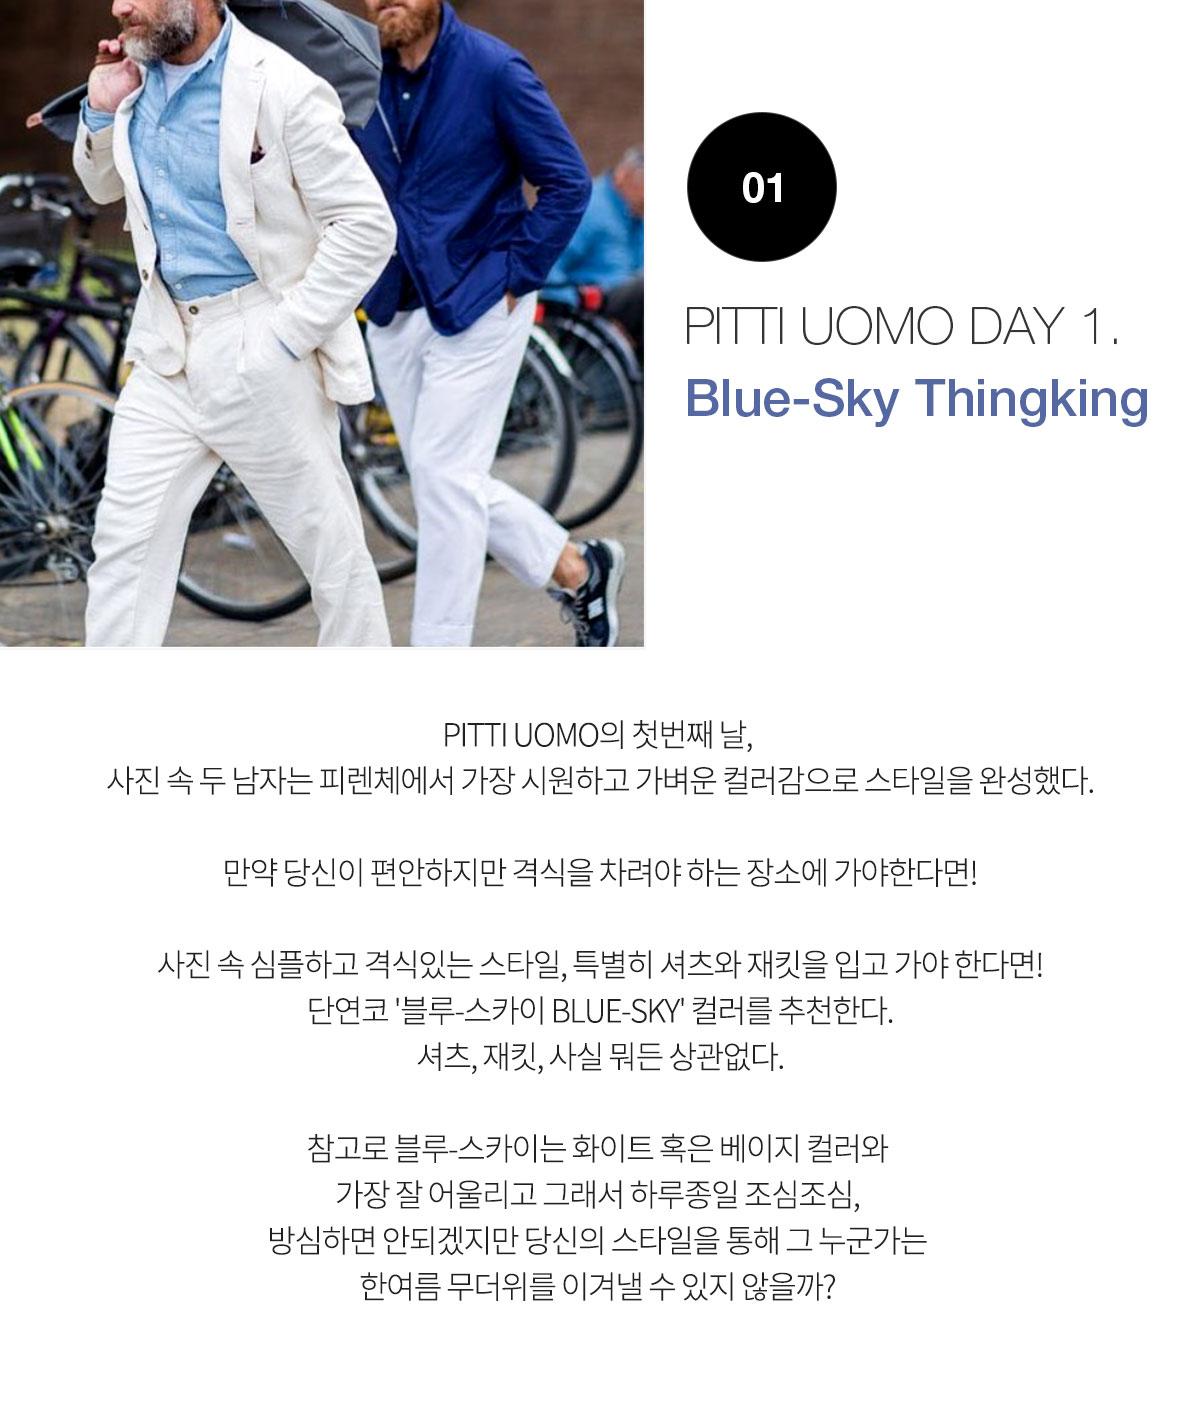 PITTI UOMO DAY 1. Blue-Sky Thingking